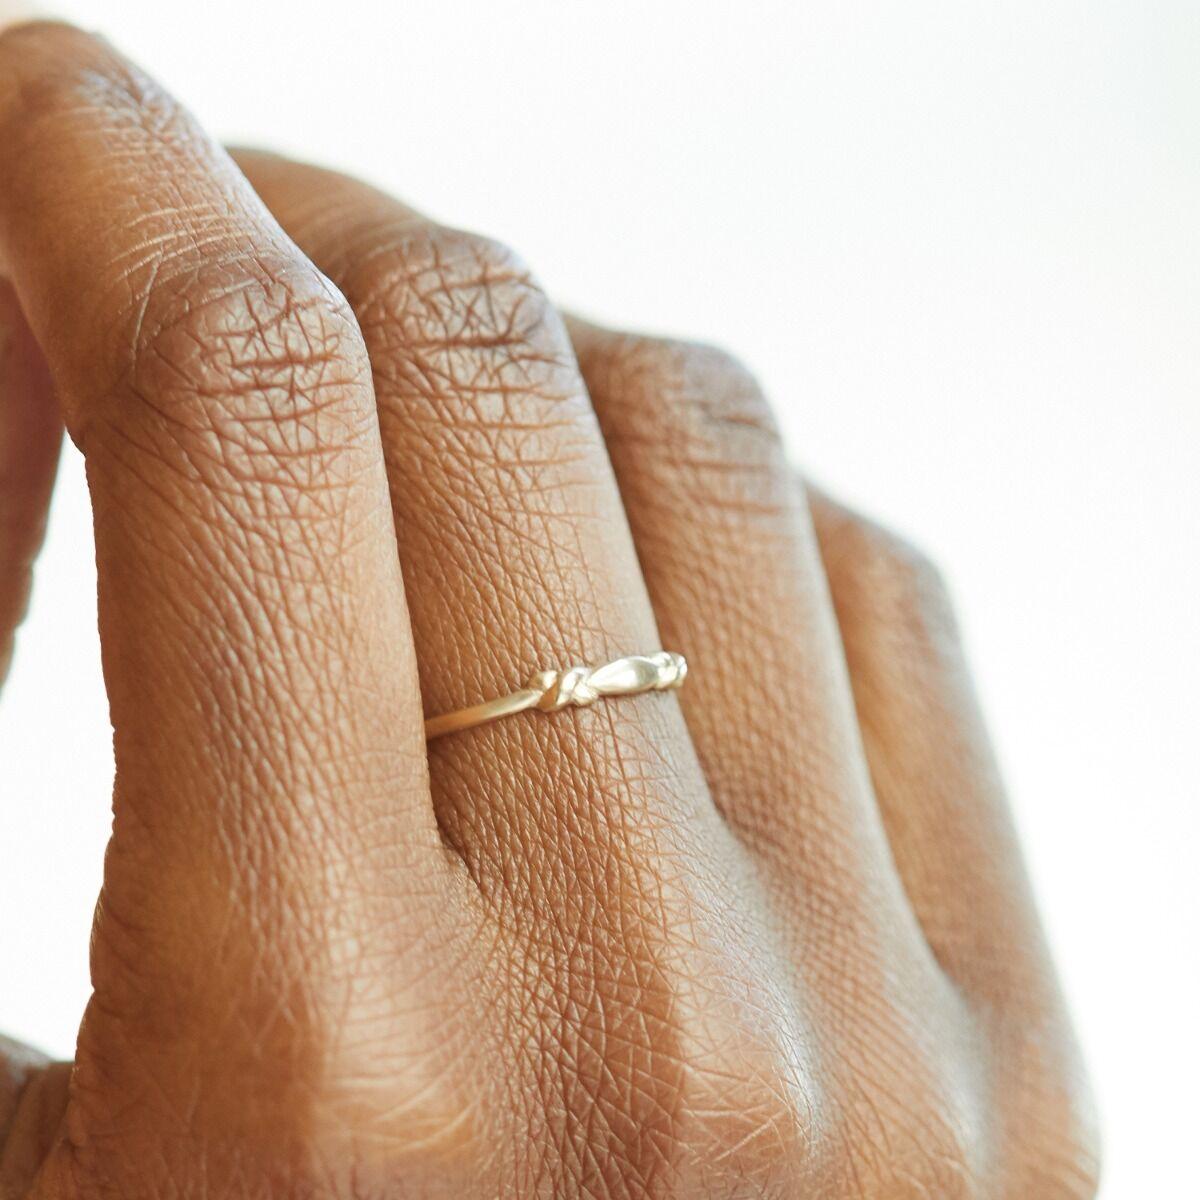 Bond Ring image